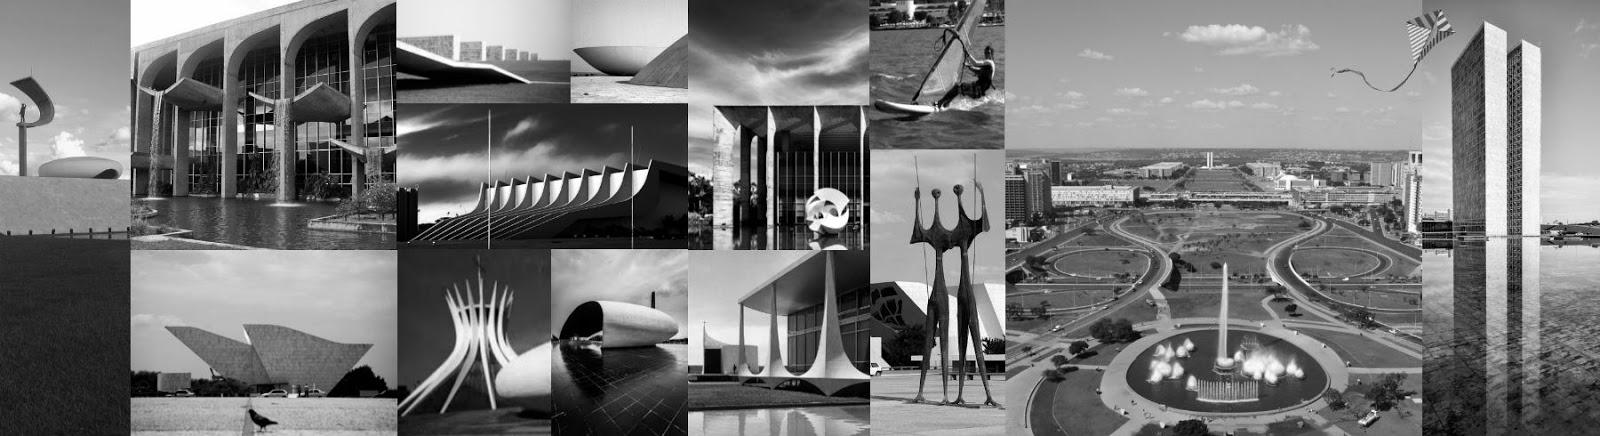 Damos un paseo por la ciudad de Brasilia